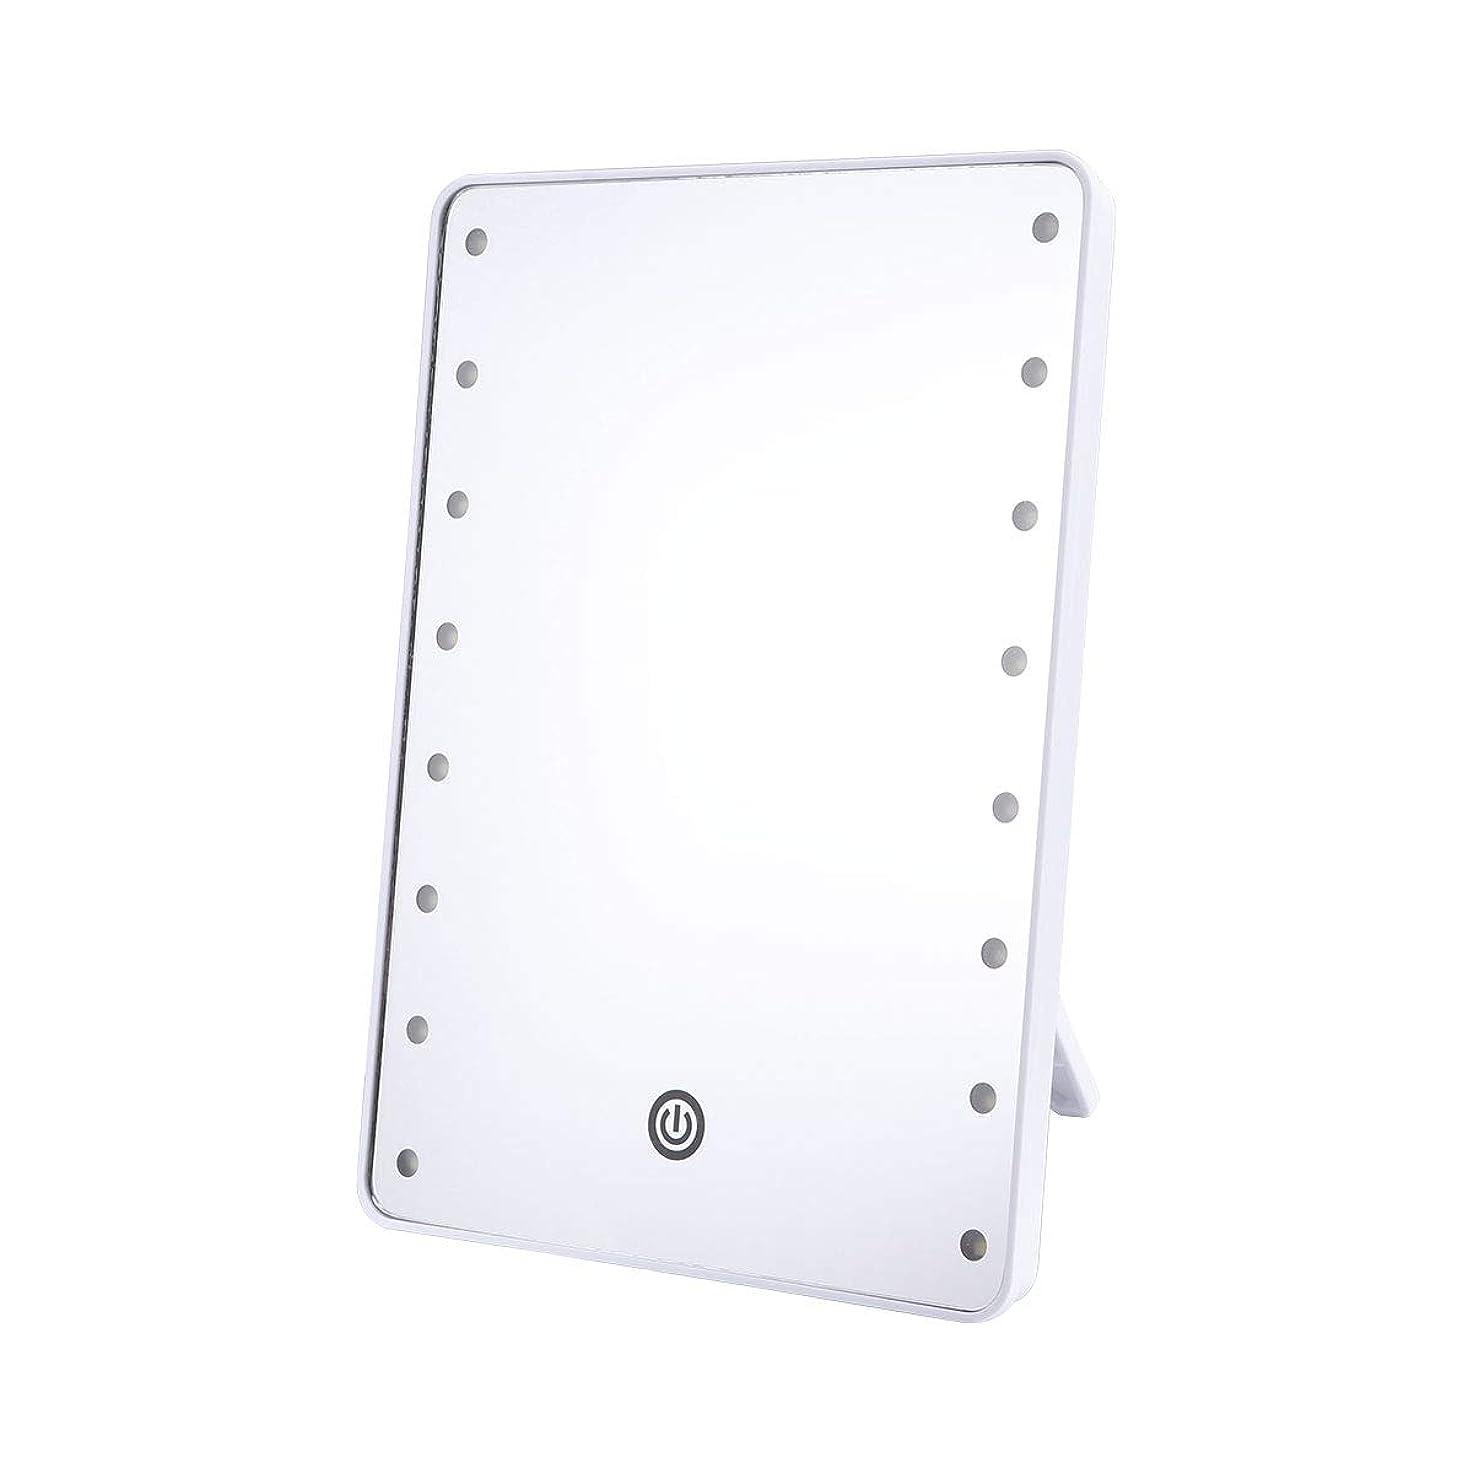 ひねくれた靄ウミウシFrcolor 化粧鏡 卓上ミラー LEDライトミラー 16灯 スタンドミラー 角度調整可能 女優ミラー 電池給電 メイクアップミラー プレゼント(ホワイト)